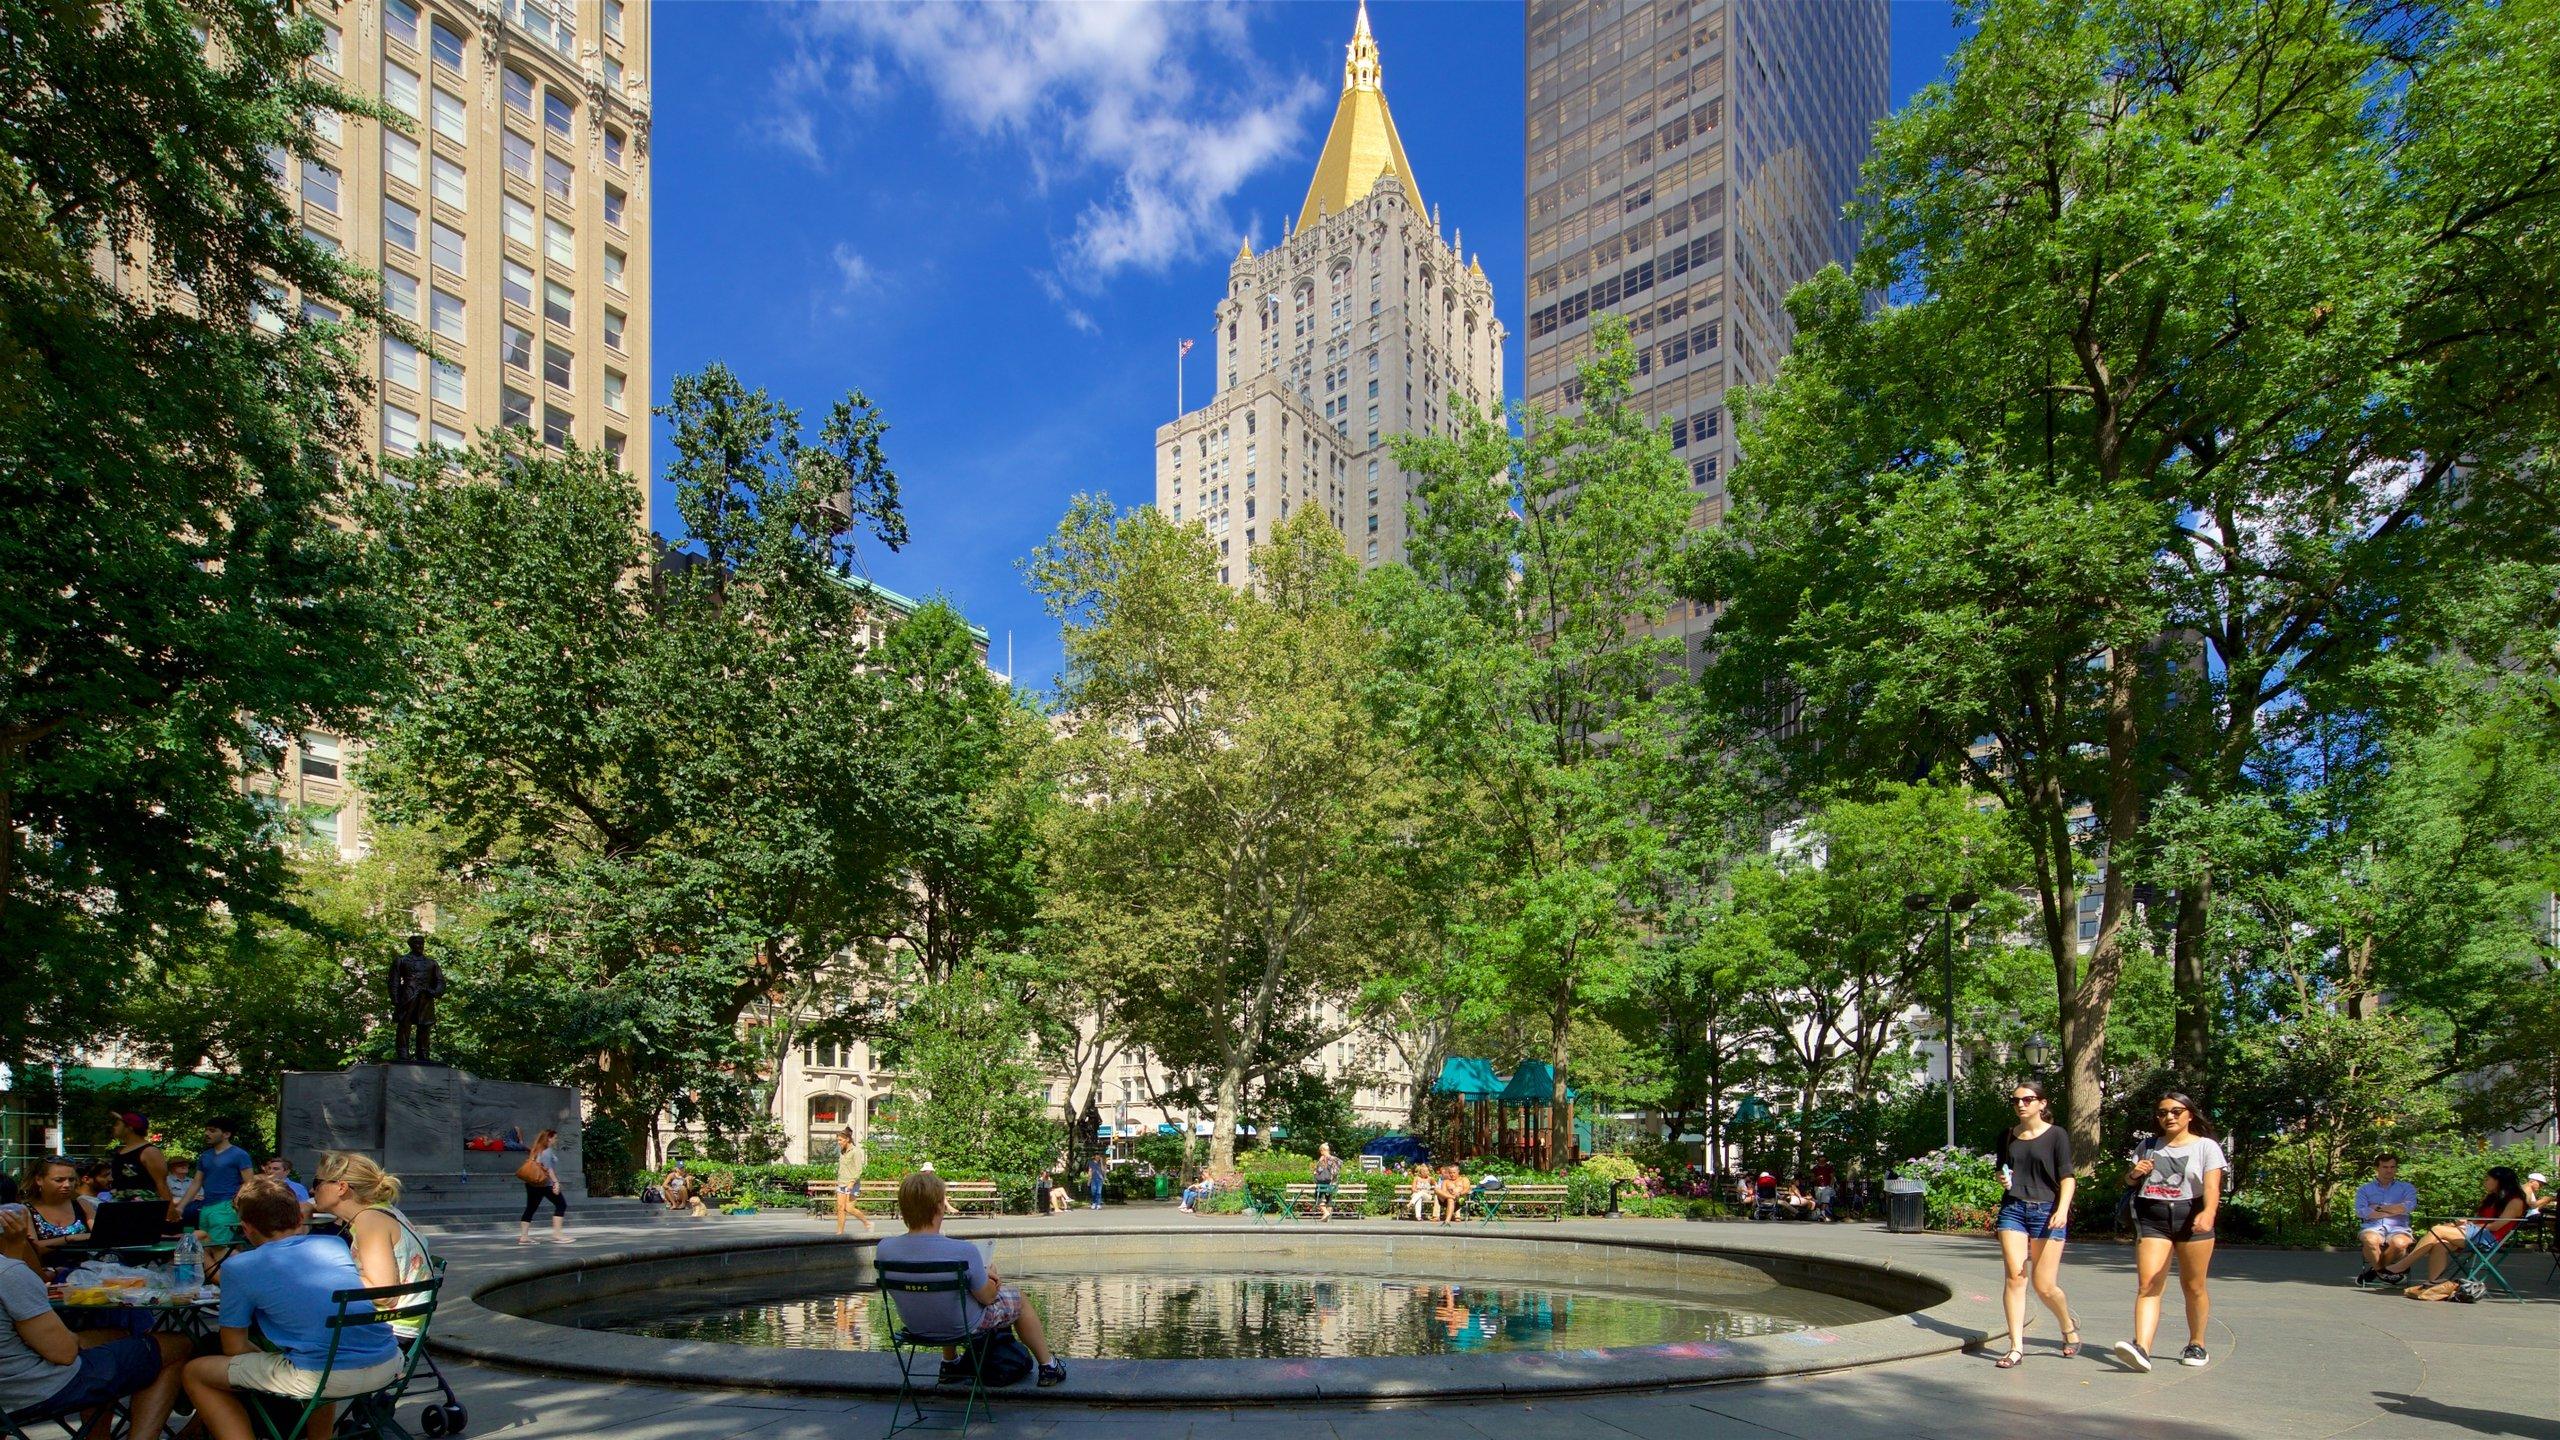 NoMad, New York, New York, United States of America